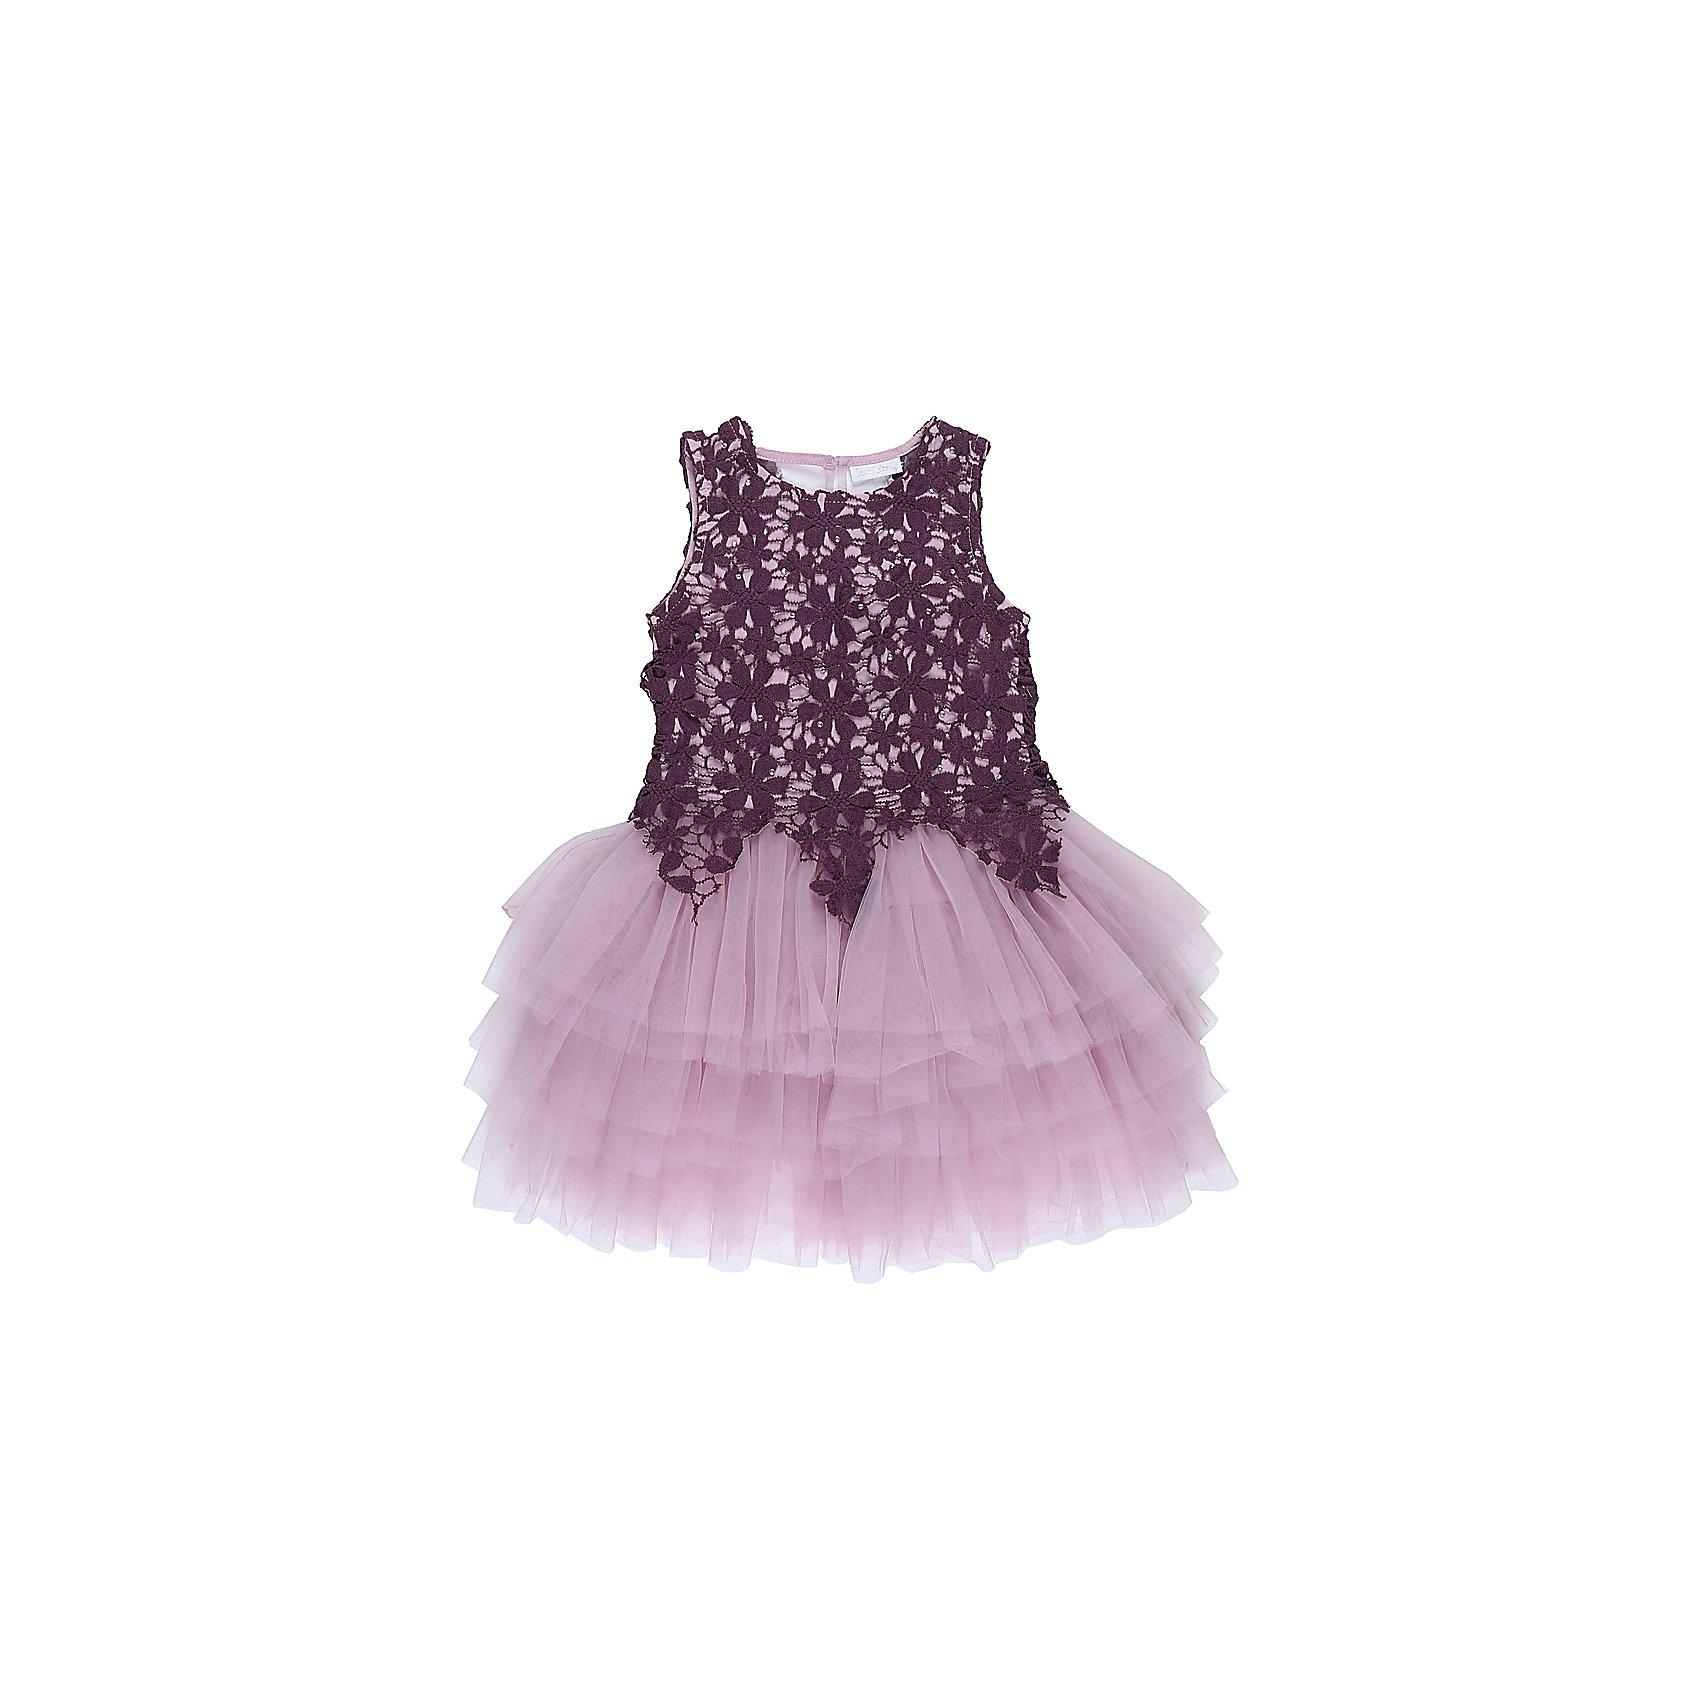 Платье для девочки Sweet BerryОдежда<br>Характеристики товара:<br><br>• цвет: розовый<br>• сезон: круглый год<br>• состав: верх: 100% полиэстер, подкладка: 100% хлопок<br>• стиль: праздник<br>• короткий рукав<br>• особенности: нарядное, пышное<br>• страна бренда: Россия<br>• страна производитель: Китай<br><br>Платье текстильное для девочки, комфортно и приятно прилегает к телу. <br><br>Верх обшит кружевным полотном, спускающимся на юбку красивыми треугольниками. <br><br>Юбка - пышная, многоярусная, создающая нарядный вид. <br><br>Оригинальный лиловый цвет платья делает наряд стильным и модным.<br><br>Платье для девочки Sweet Berry можно купить в нашем интернет-магазине.<br><br>Ширина мм: 236<br>Глубина мм: 16<br>Высота мм: 184<br>Вес г: 177<br>Цвет: фиолетовый<br>Возраст от месяцев: 36<br>Возраст до месяцев: 48<br>Пол: Женский<br>Возраст: Детский<br>Размер: 104,110,116,128,140,98<br>SKU: 6849854